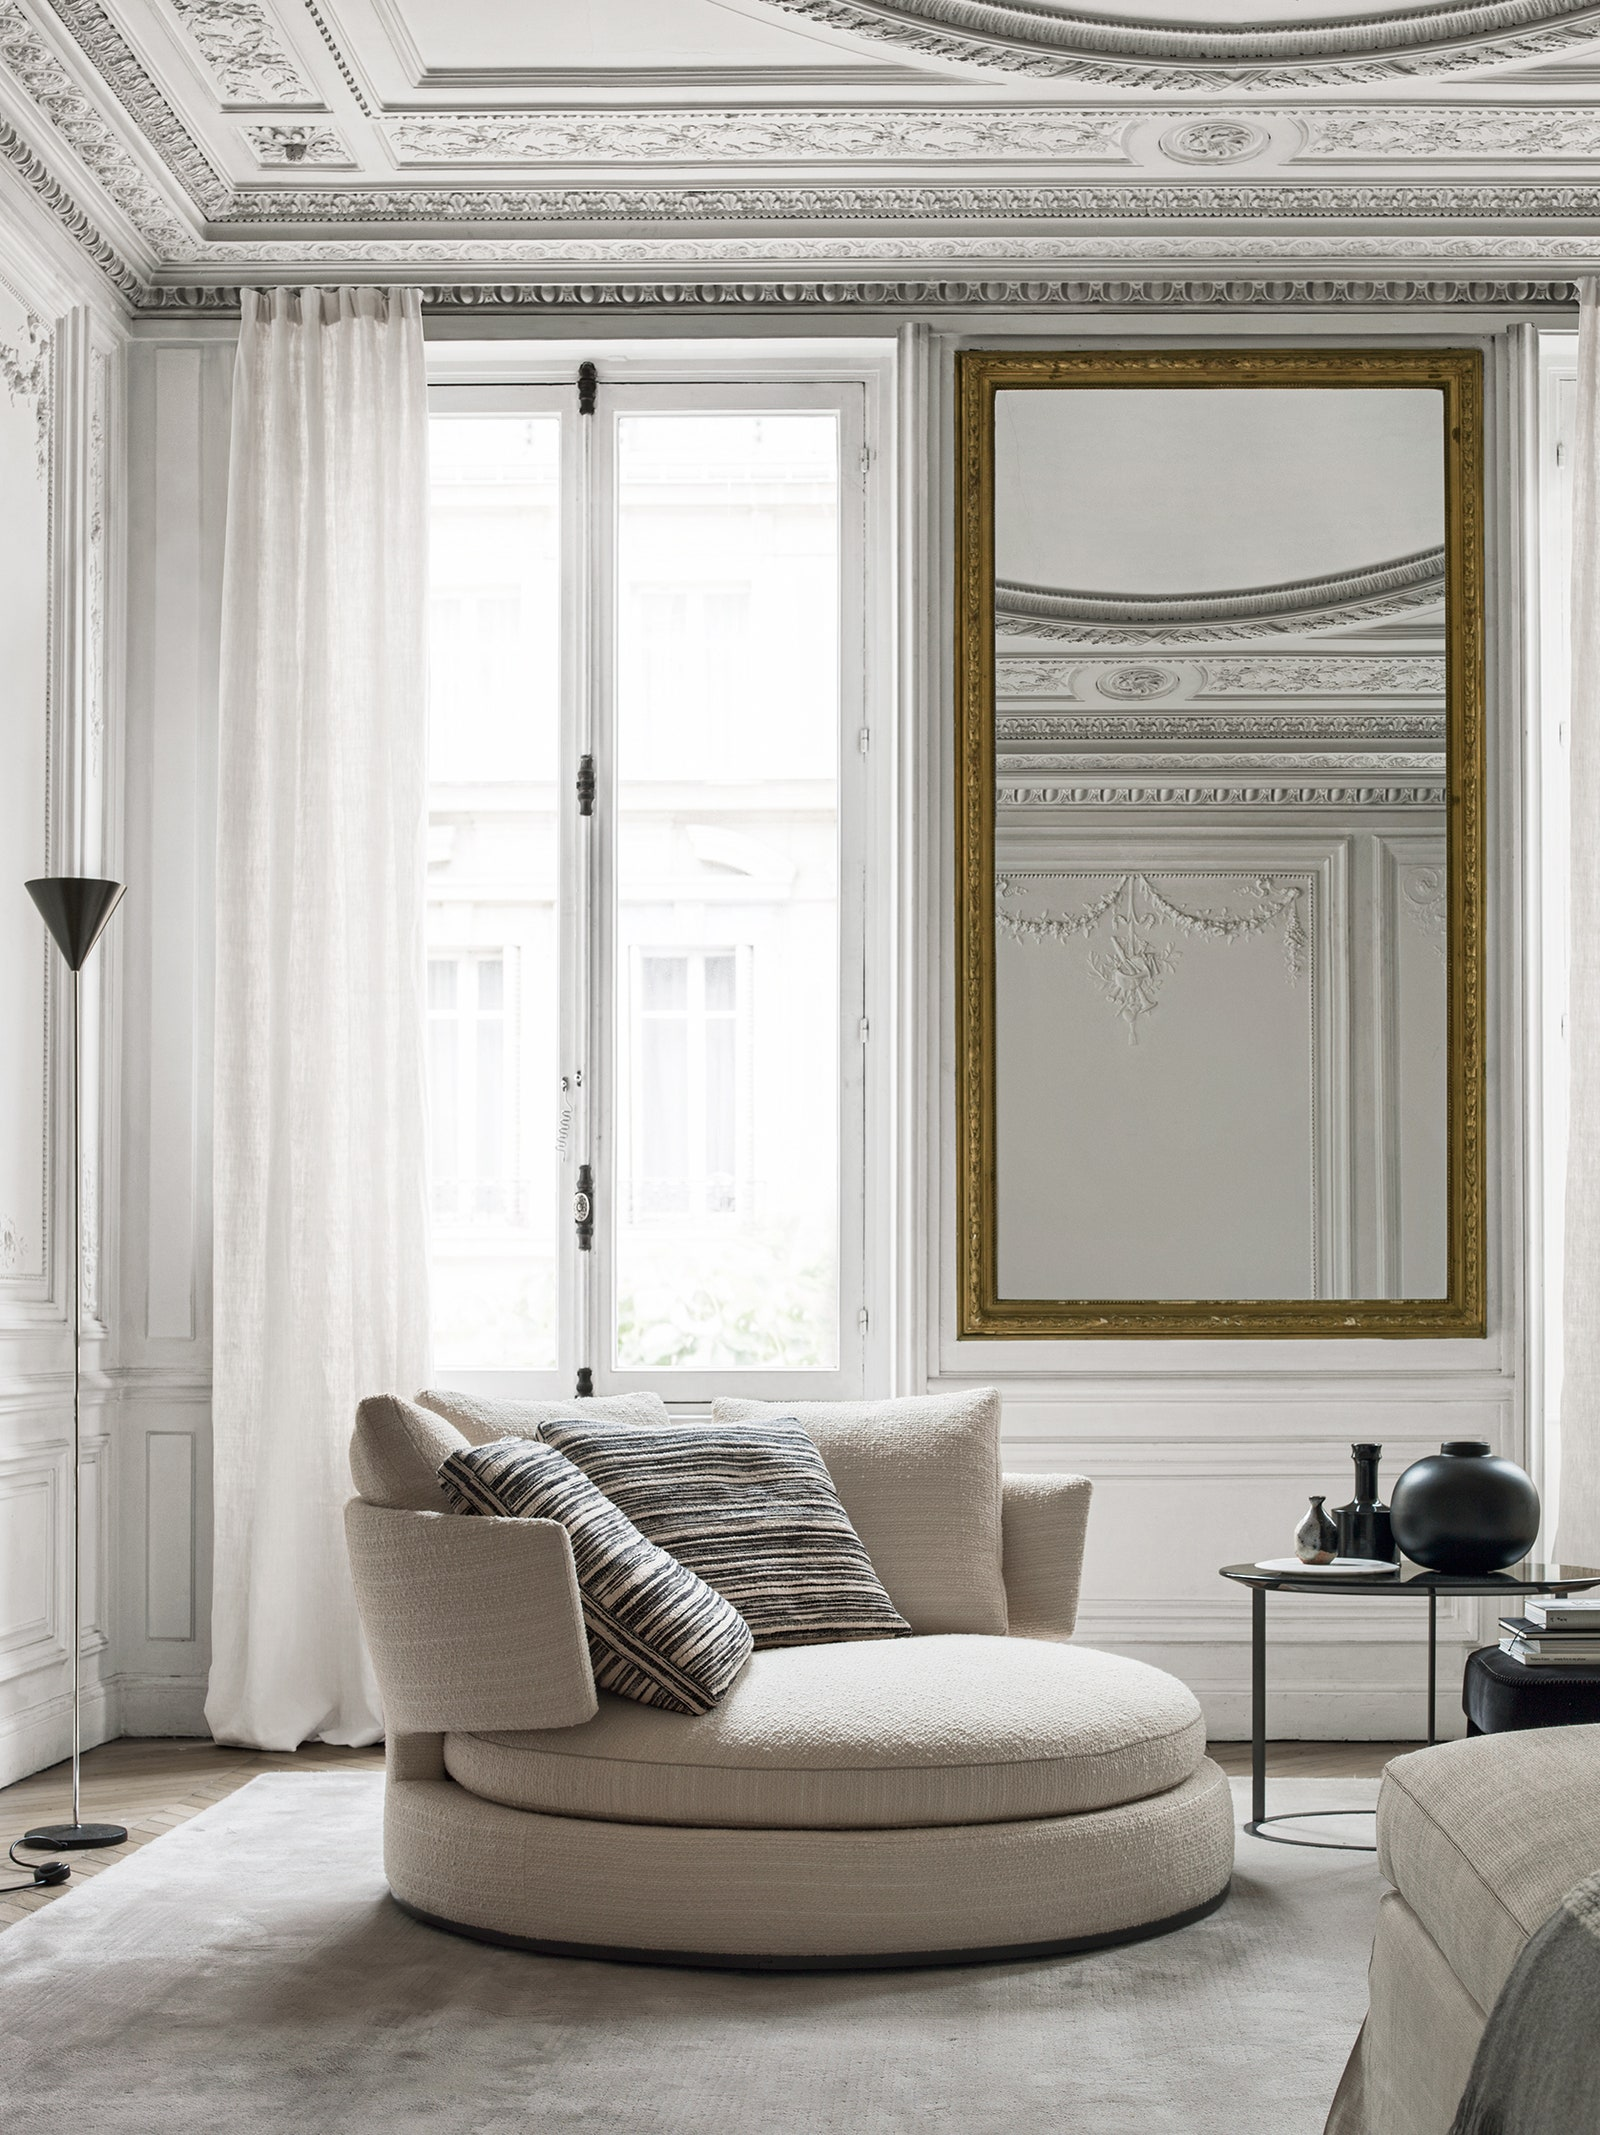 12    Maison  Objet  Paris Deco Home 2020